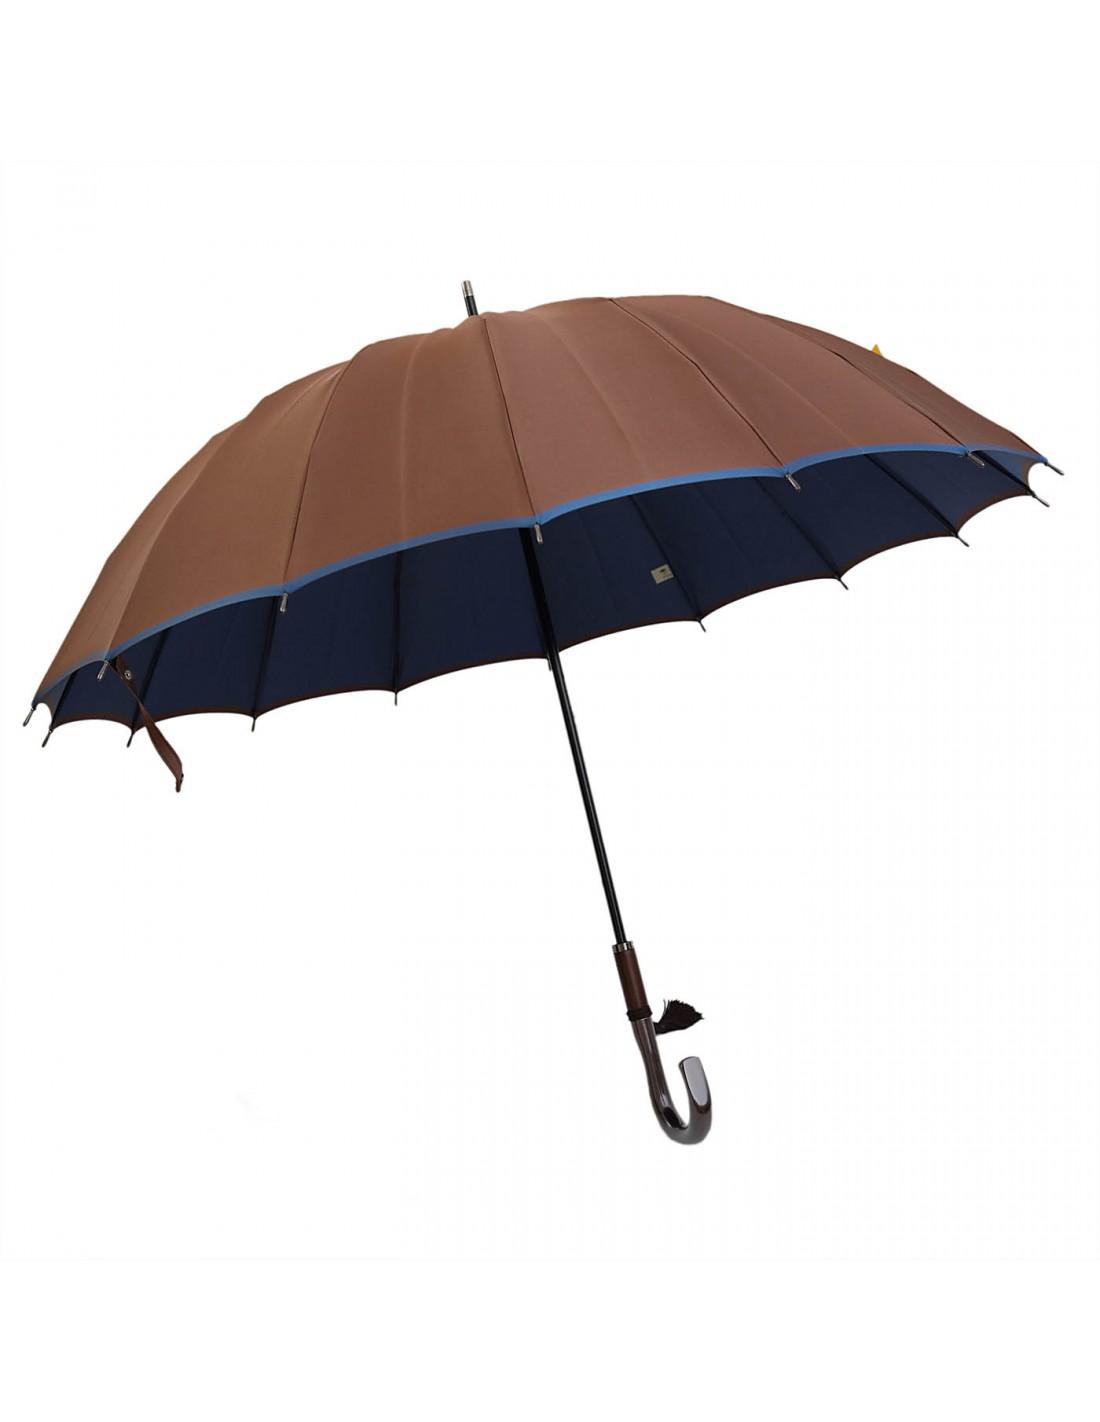 Damen Regenschirm Braun/Blau